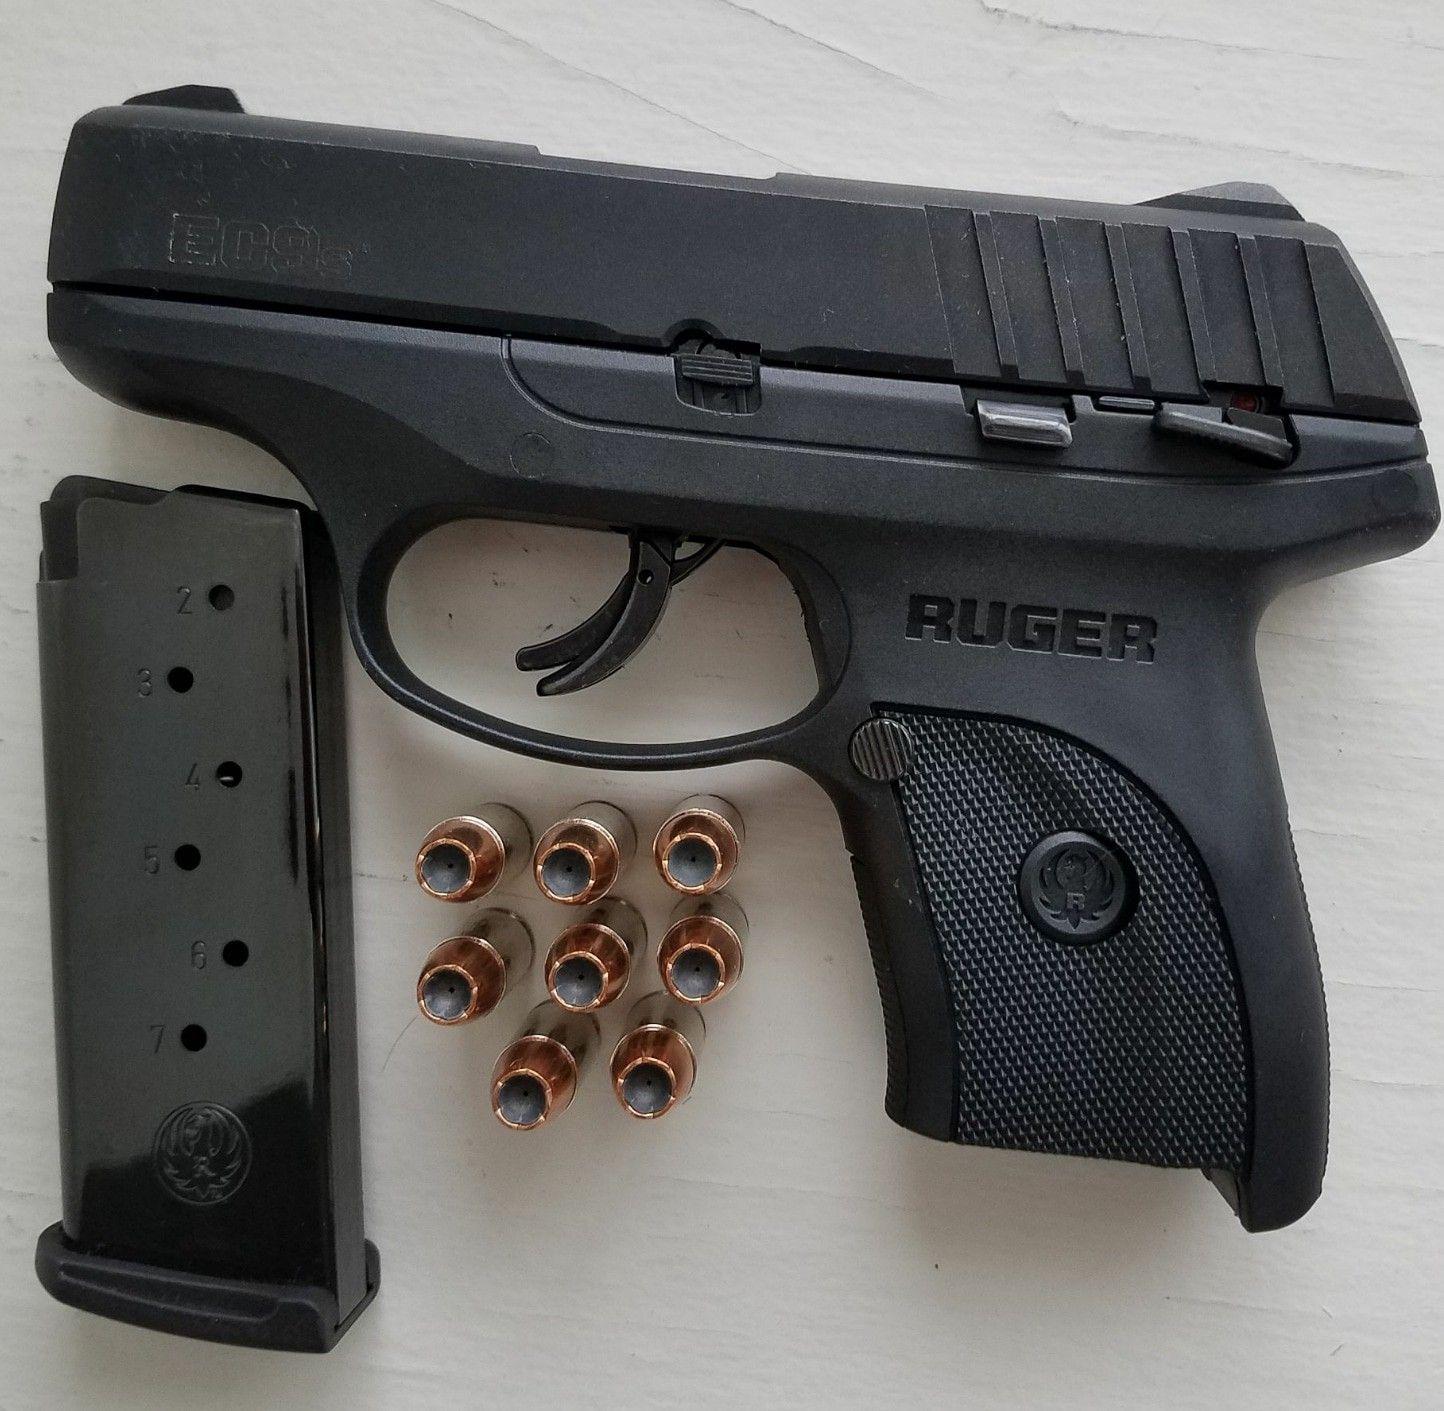 Ruger EC9S | Guns | Guns, Hand guns